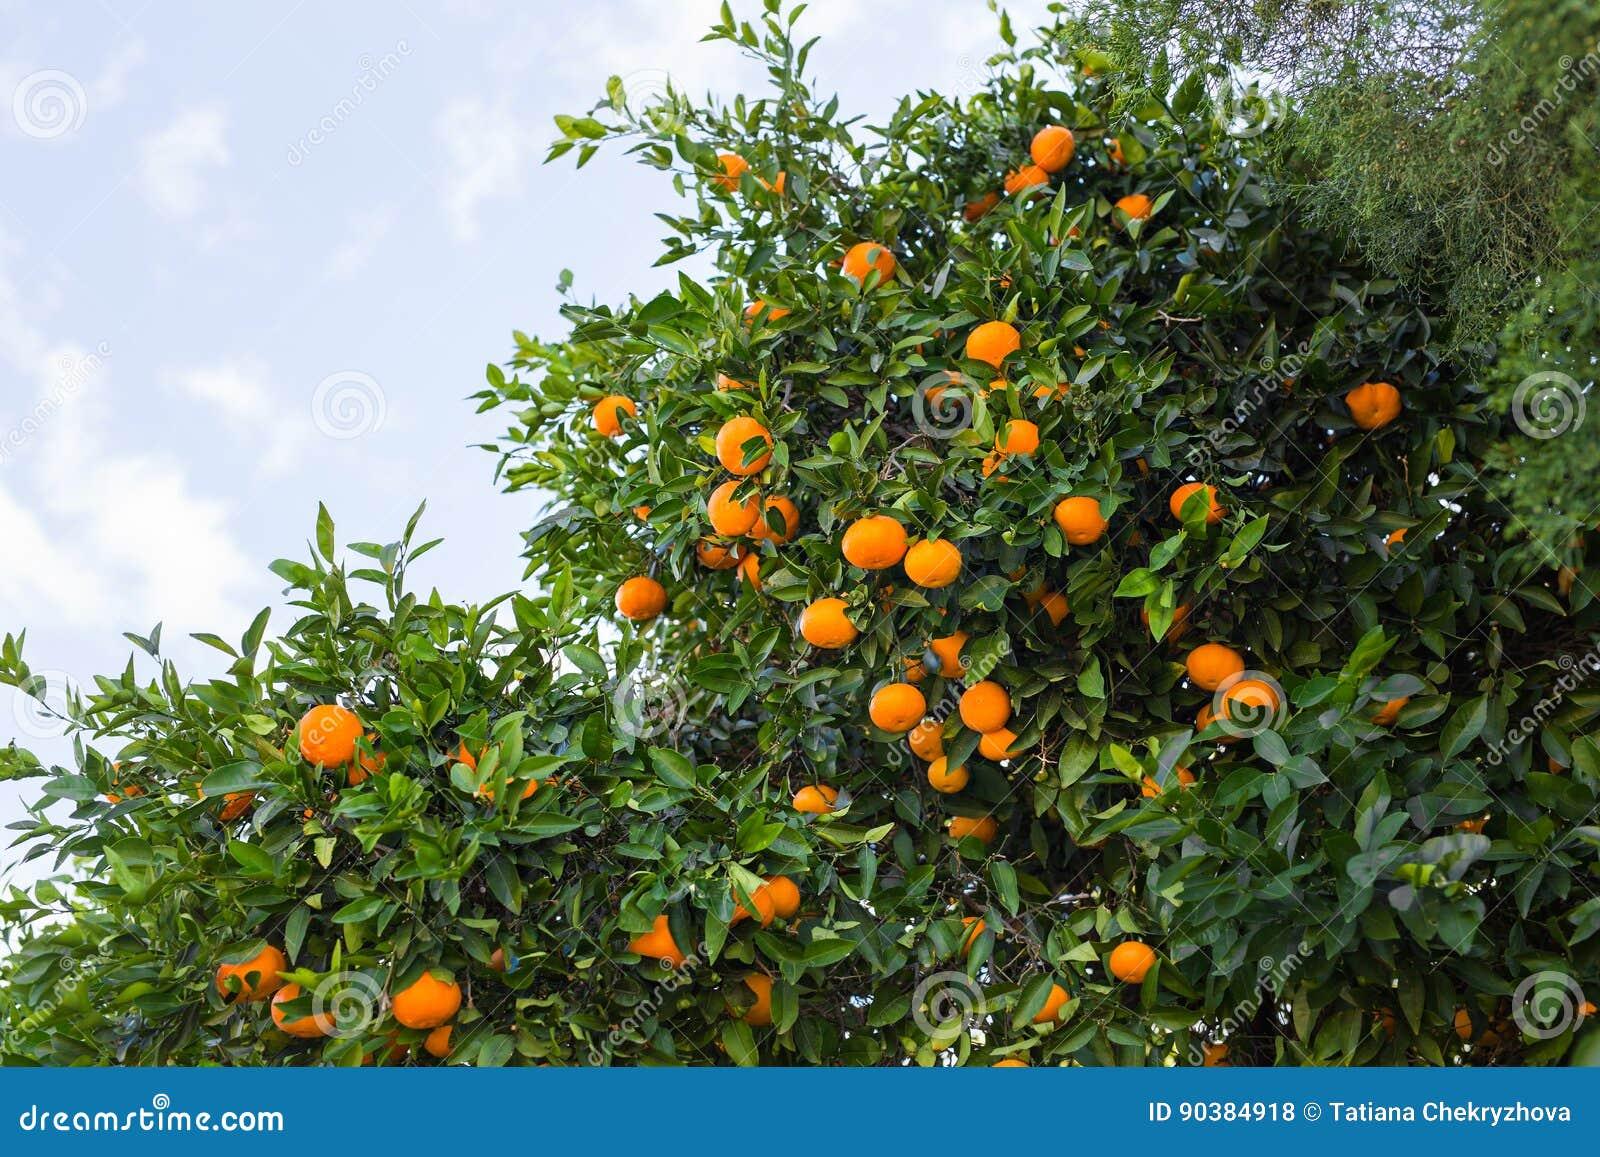 Плантации оранжевых деревьев